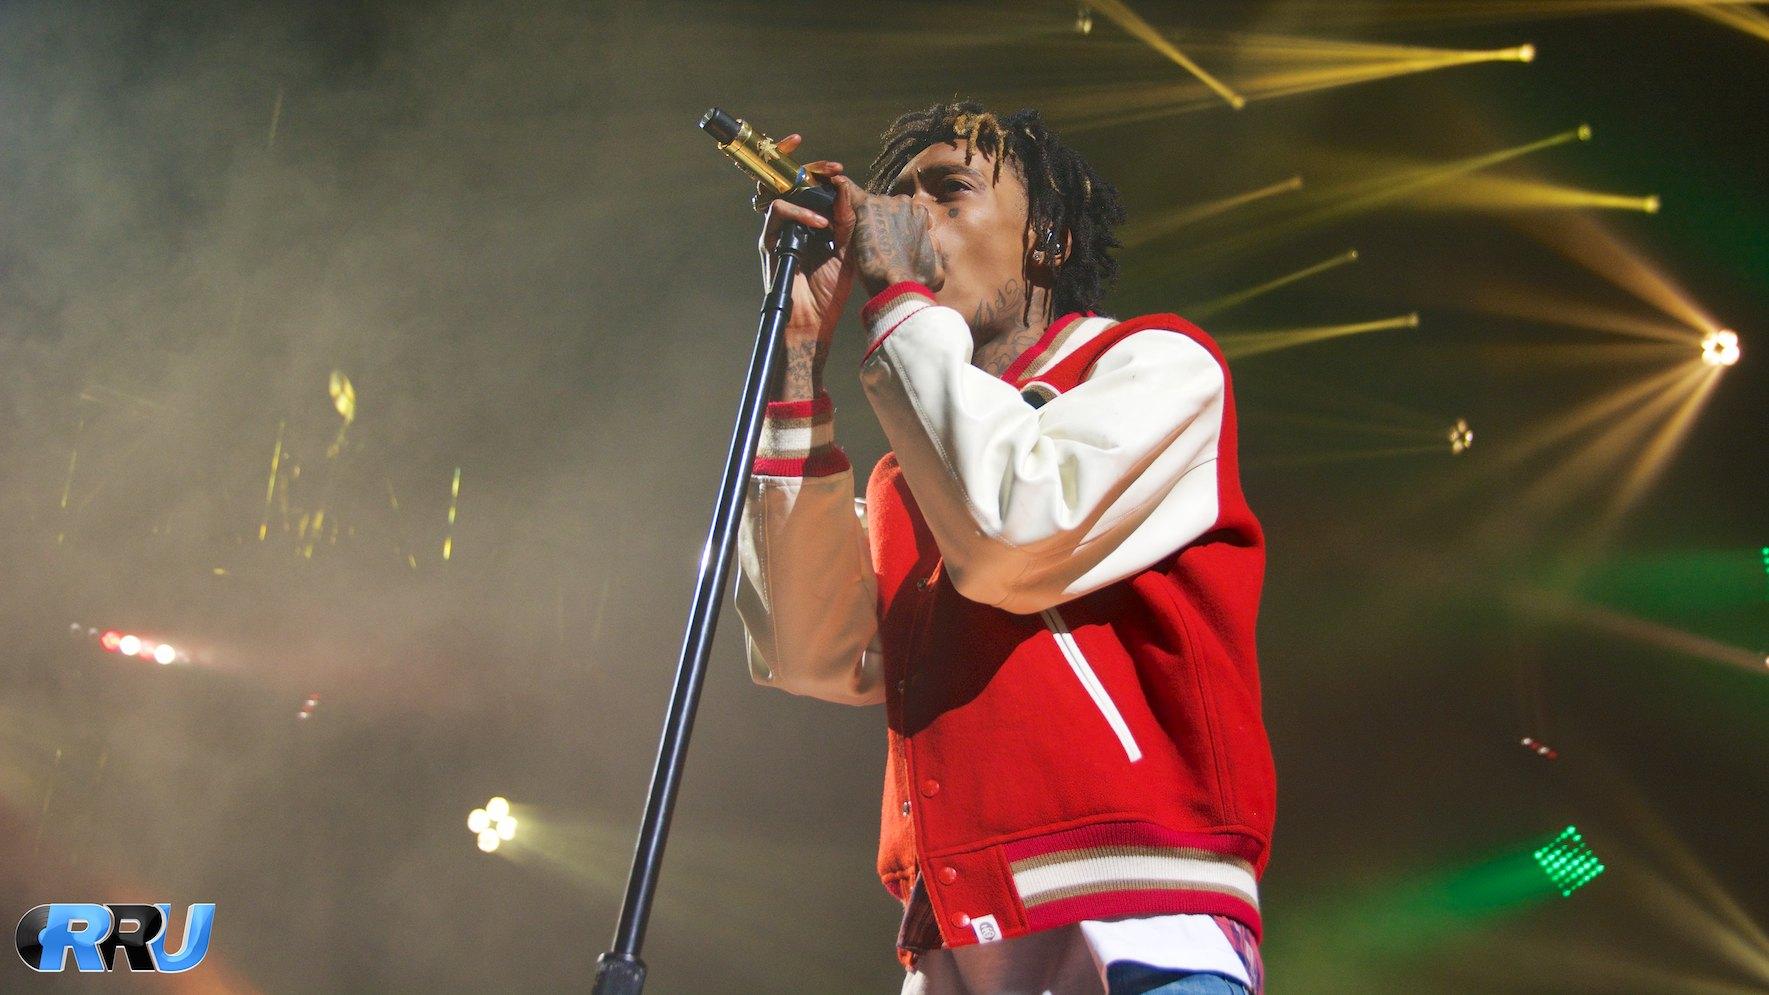 Wiz Khalifa 20.jpg